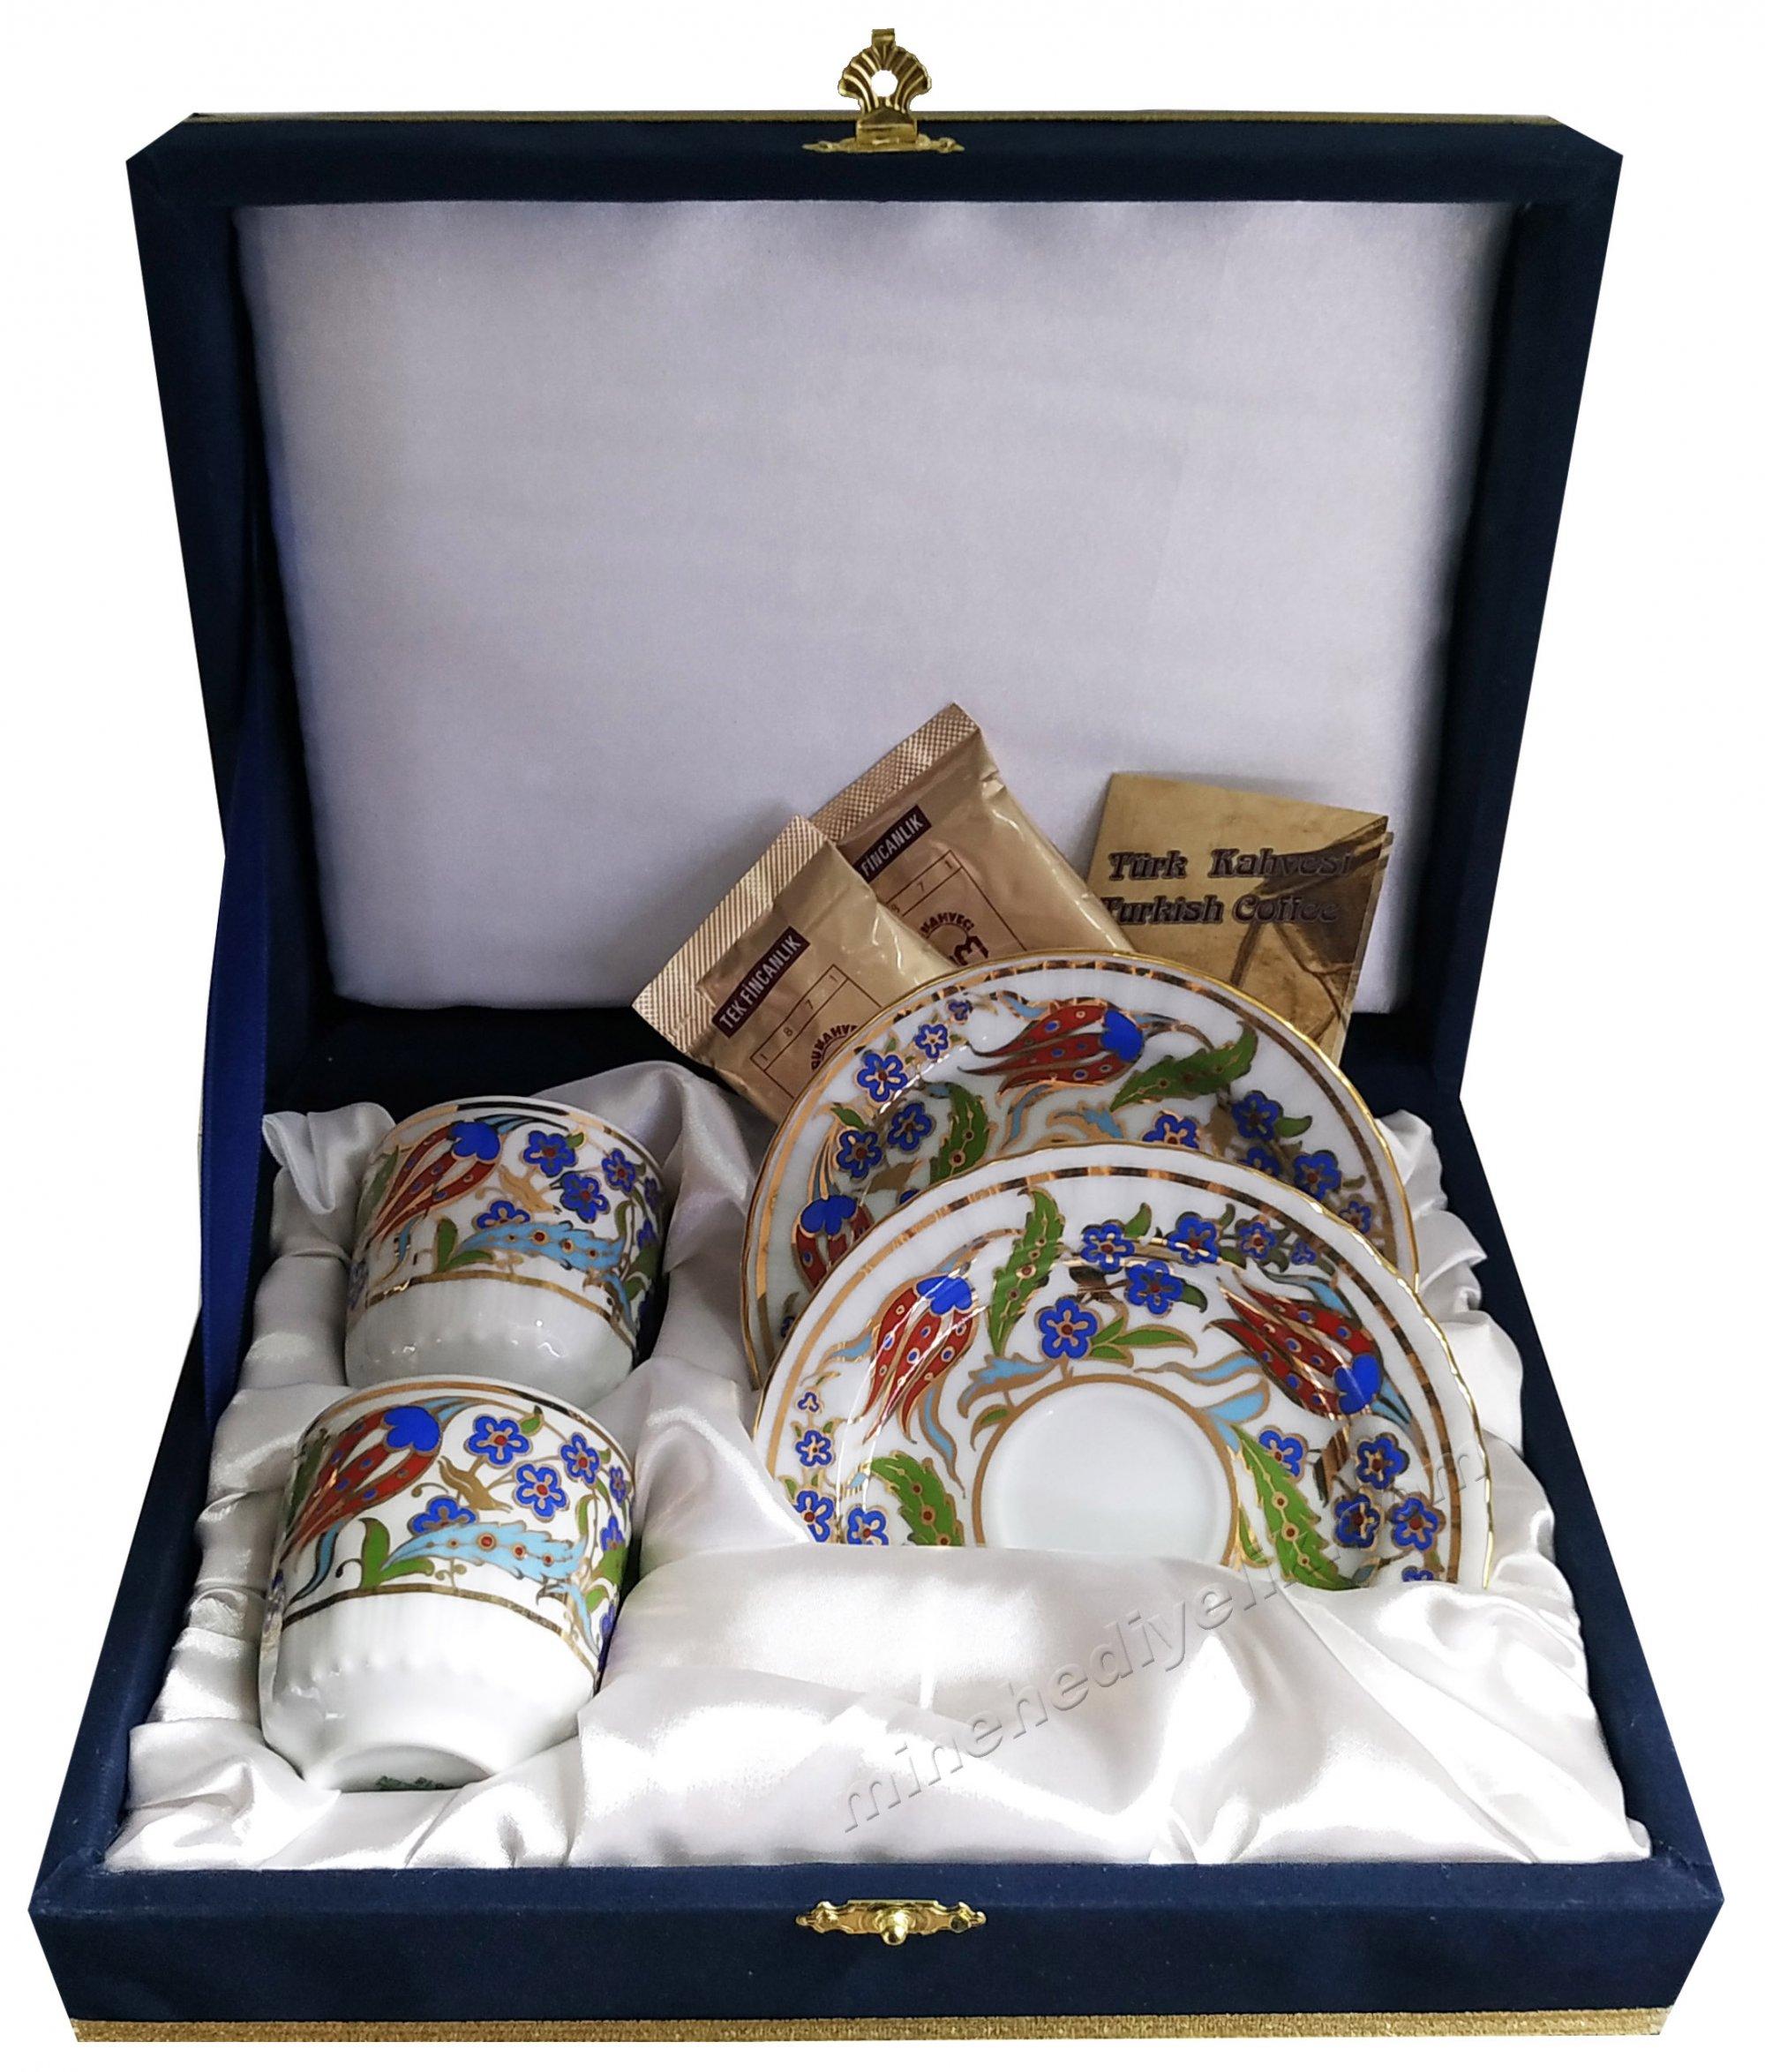 Kaliteli Kişilik Çiftli Kahve Fincan Setleri Özel Tasarım Kutularda Yeni Model Fincanlar lalezar Desen Osmanlı